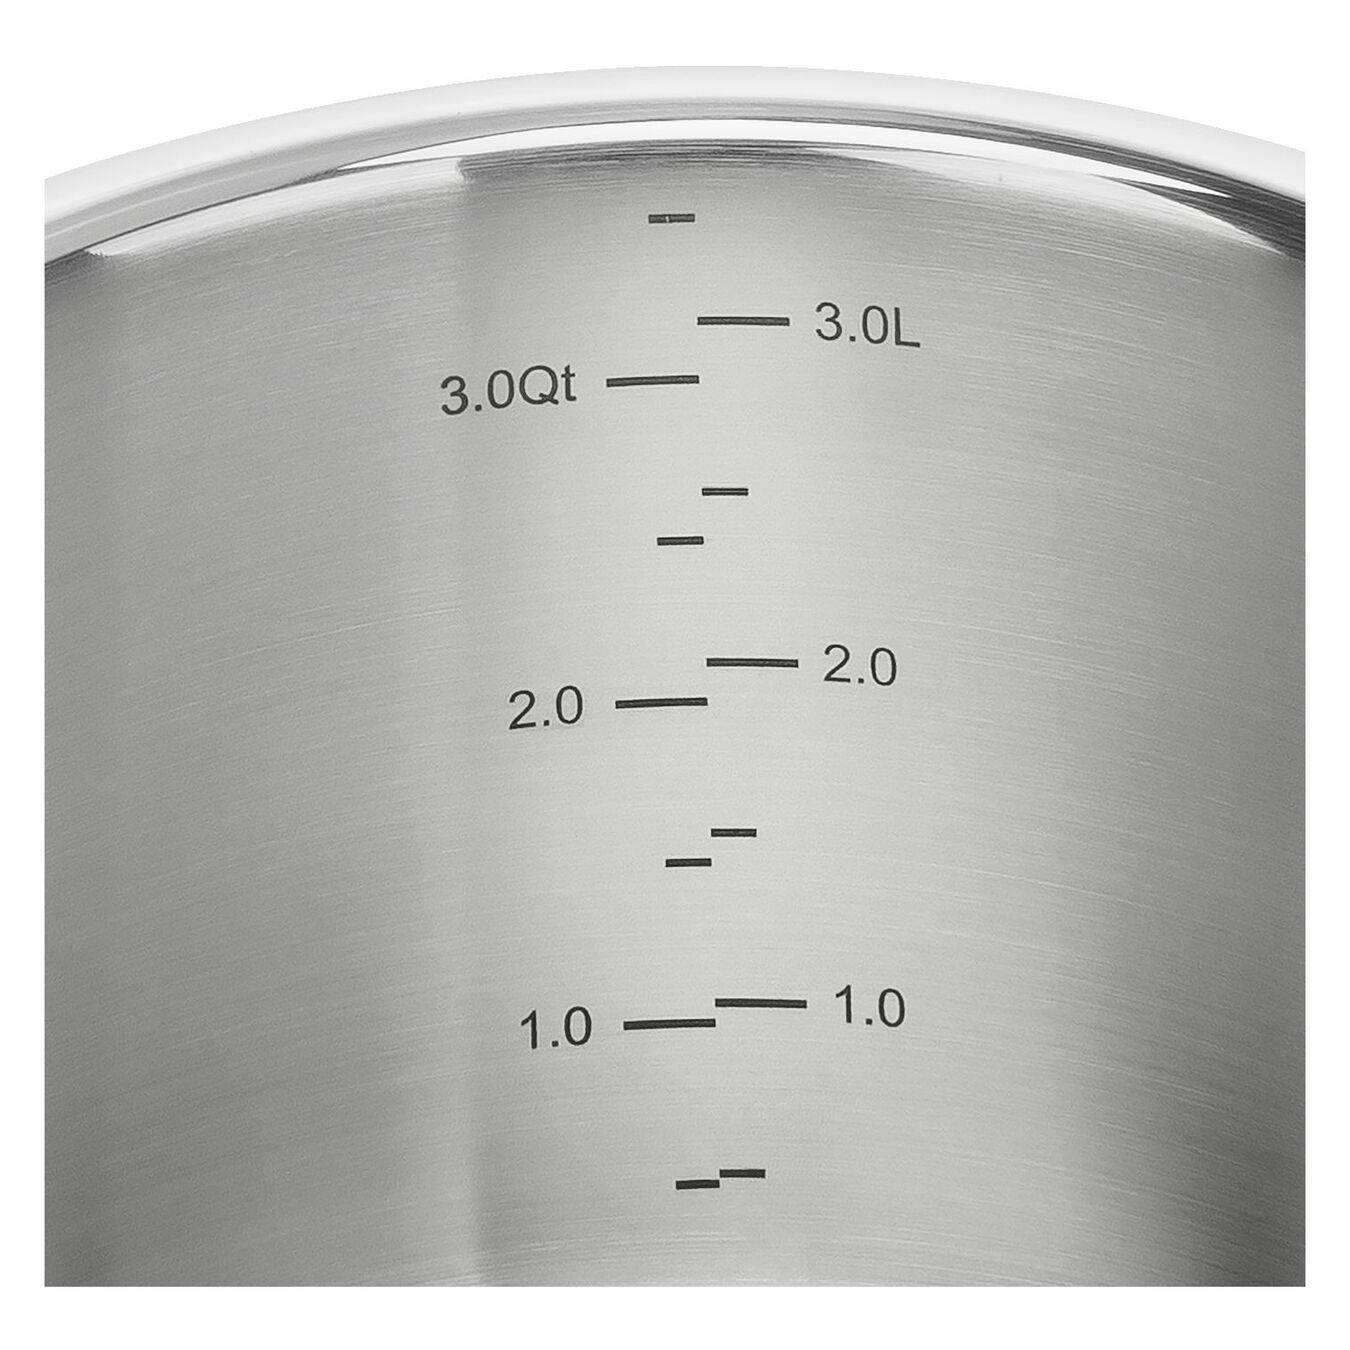 Suppegryde 20 cm, 18/10 rustfrit stål,,large 4